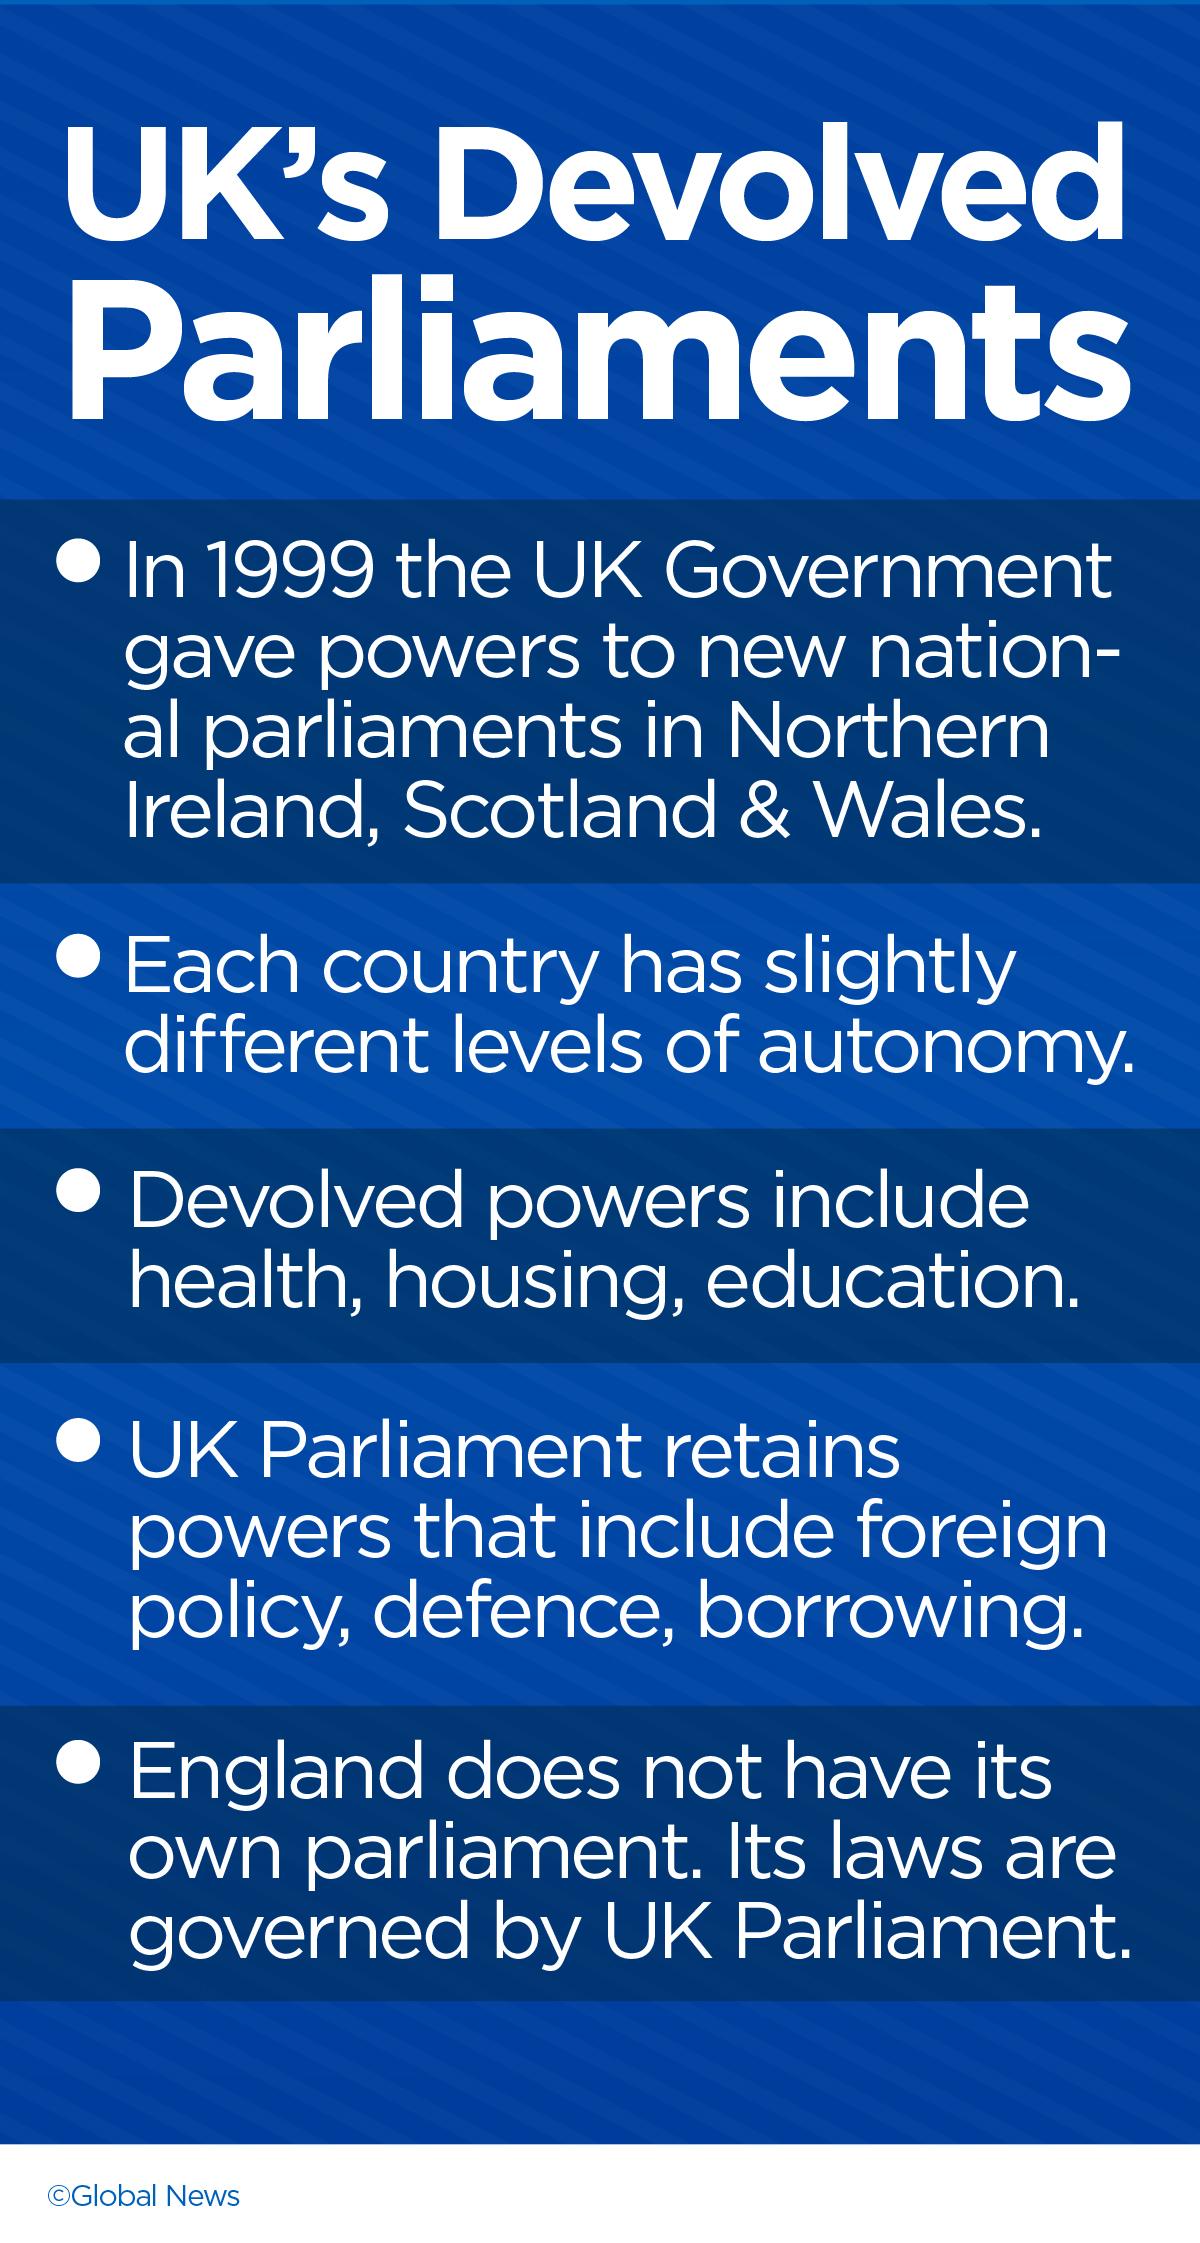 UK Parliaments